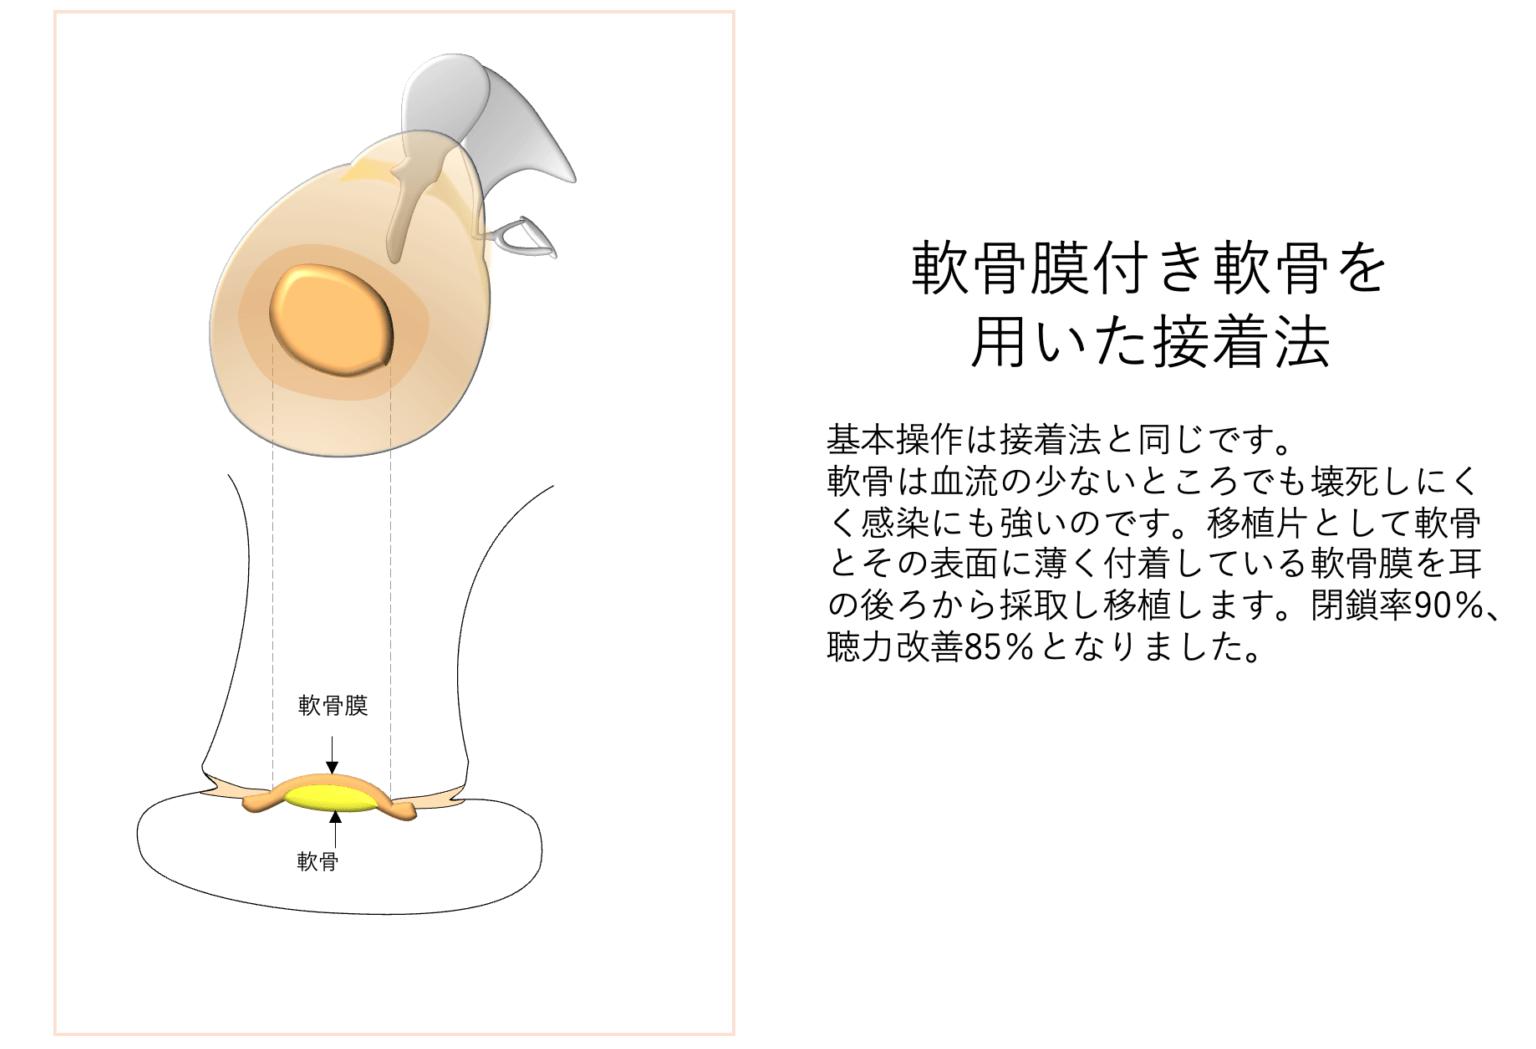 軟骨膜付き軟骨を用いた接着法